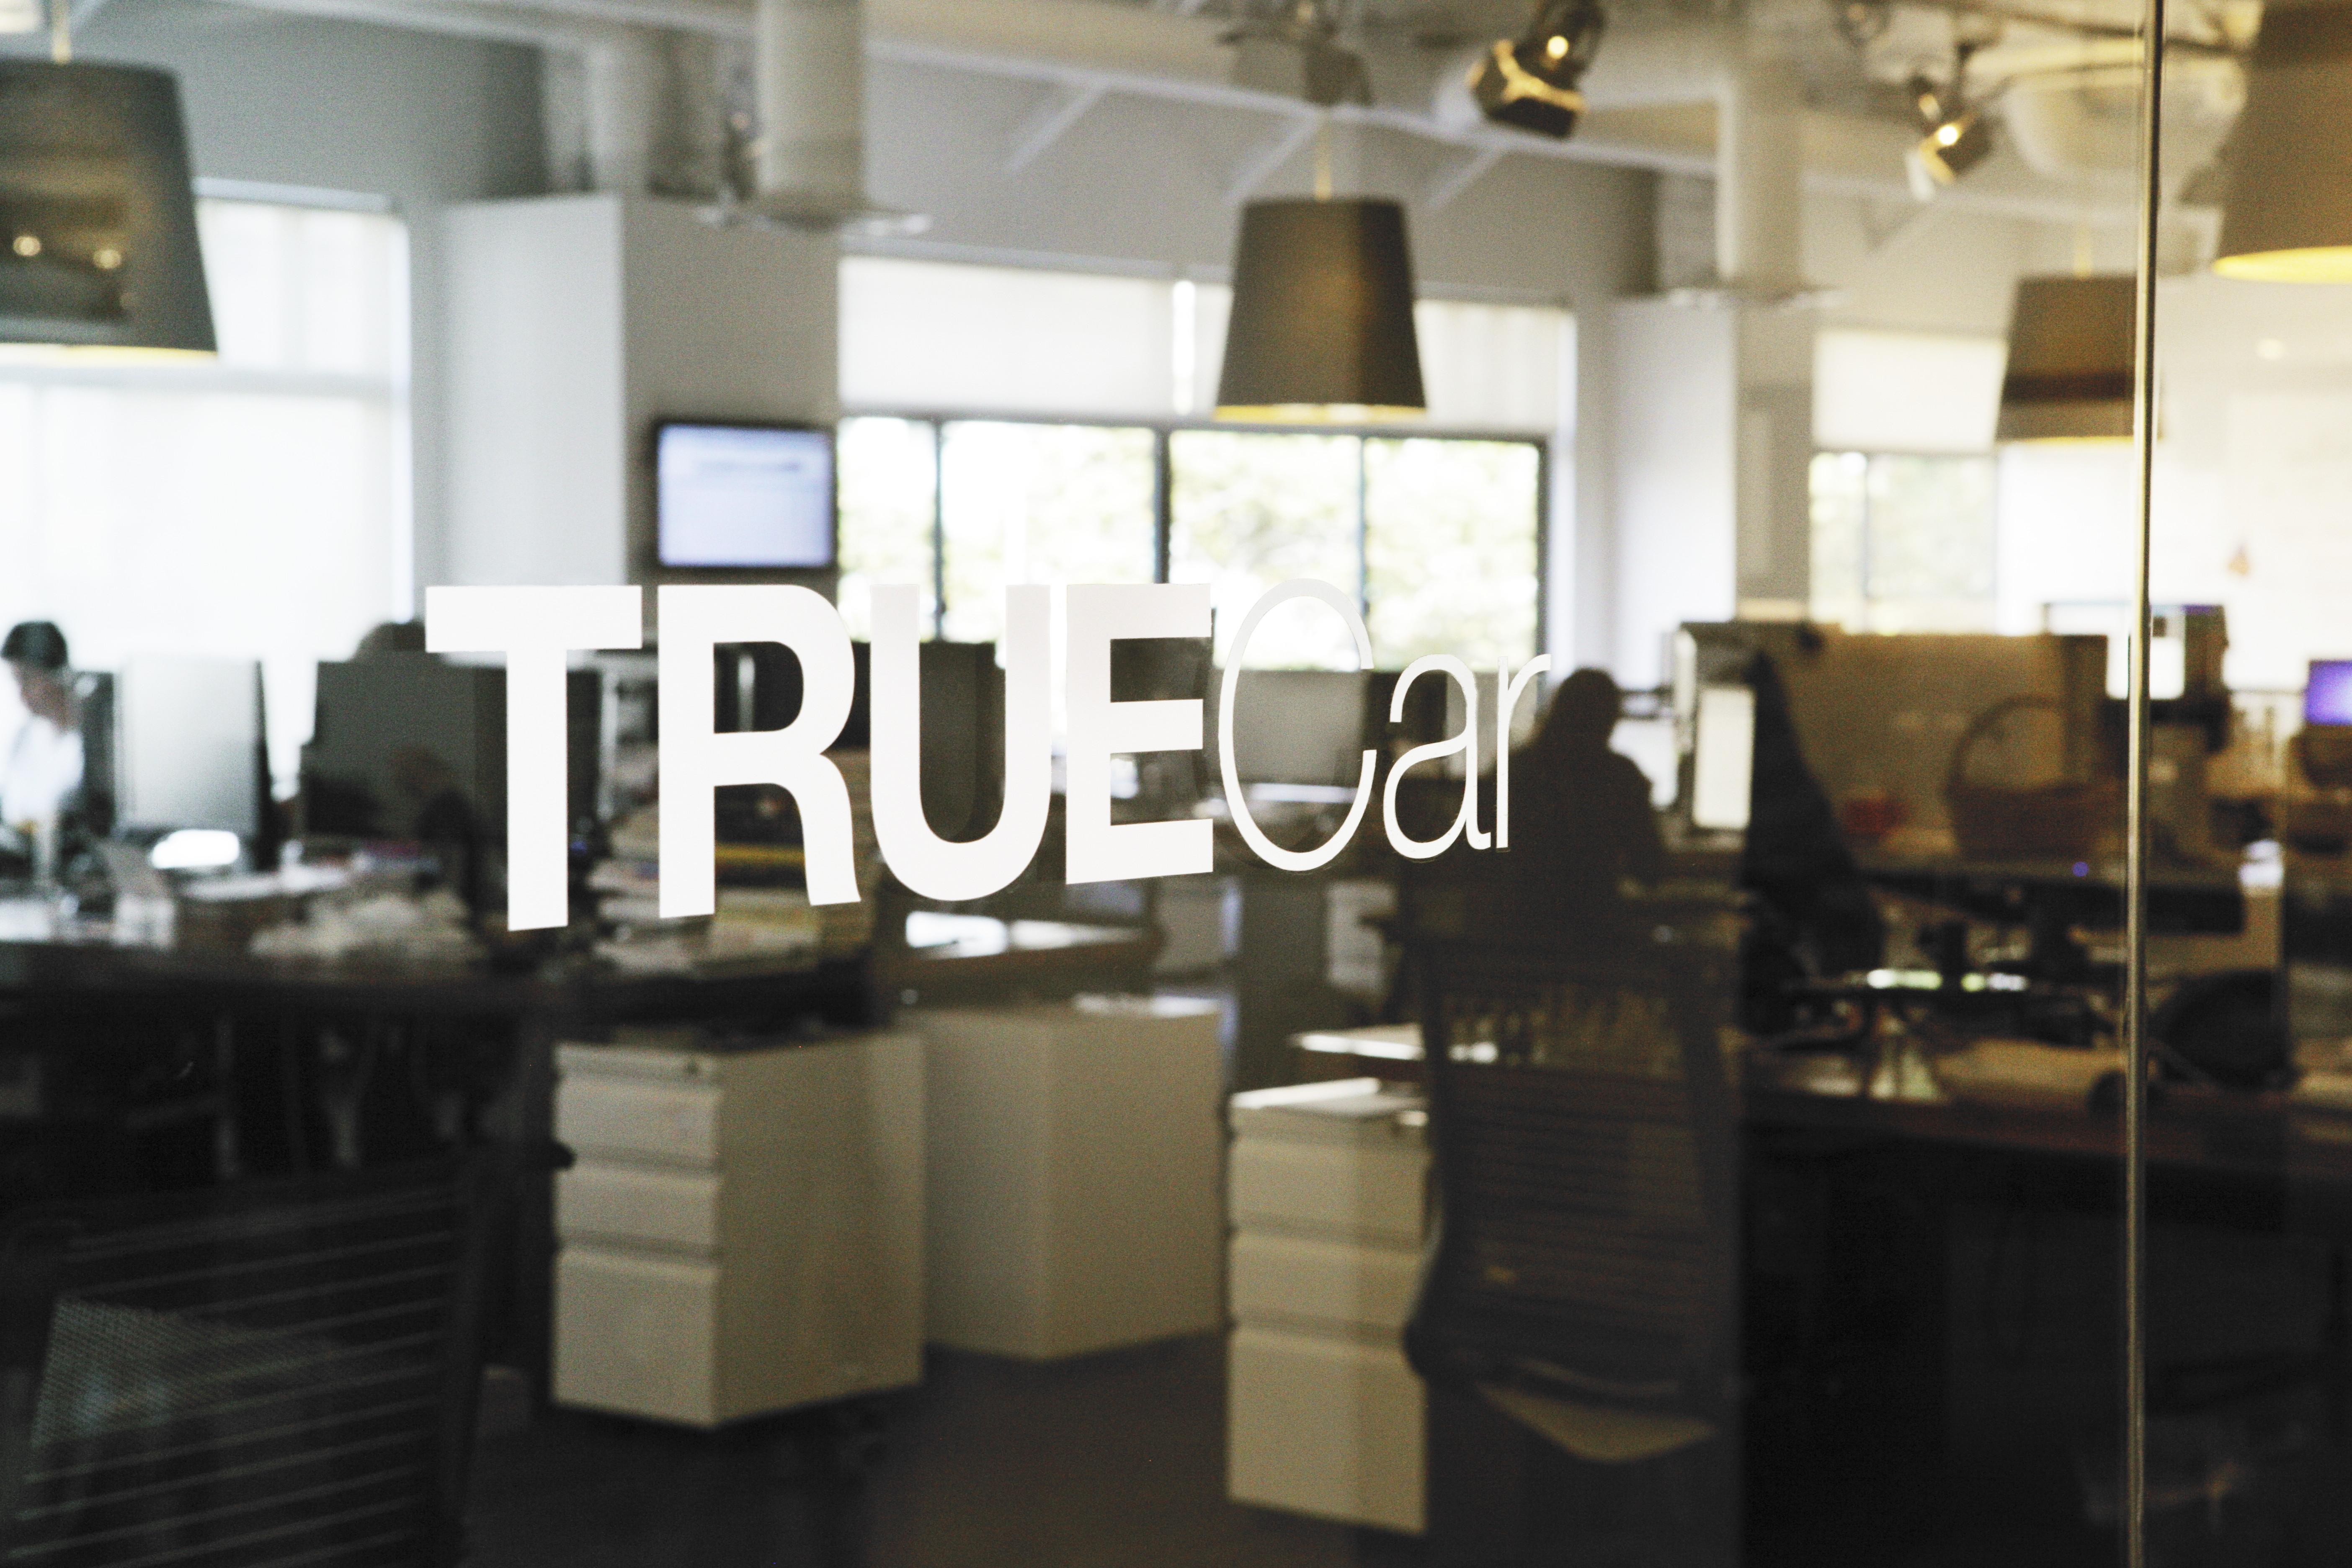 The entrance to TrueCar's headquarters in Santa Monica, CA.